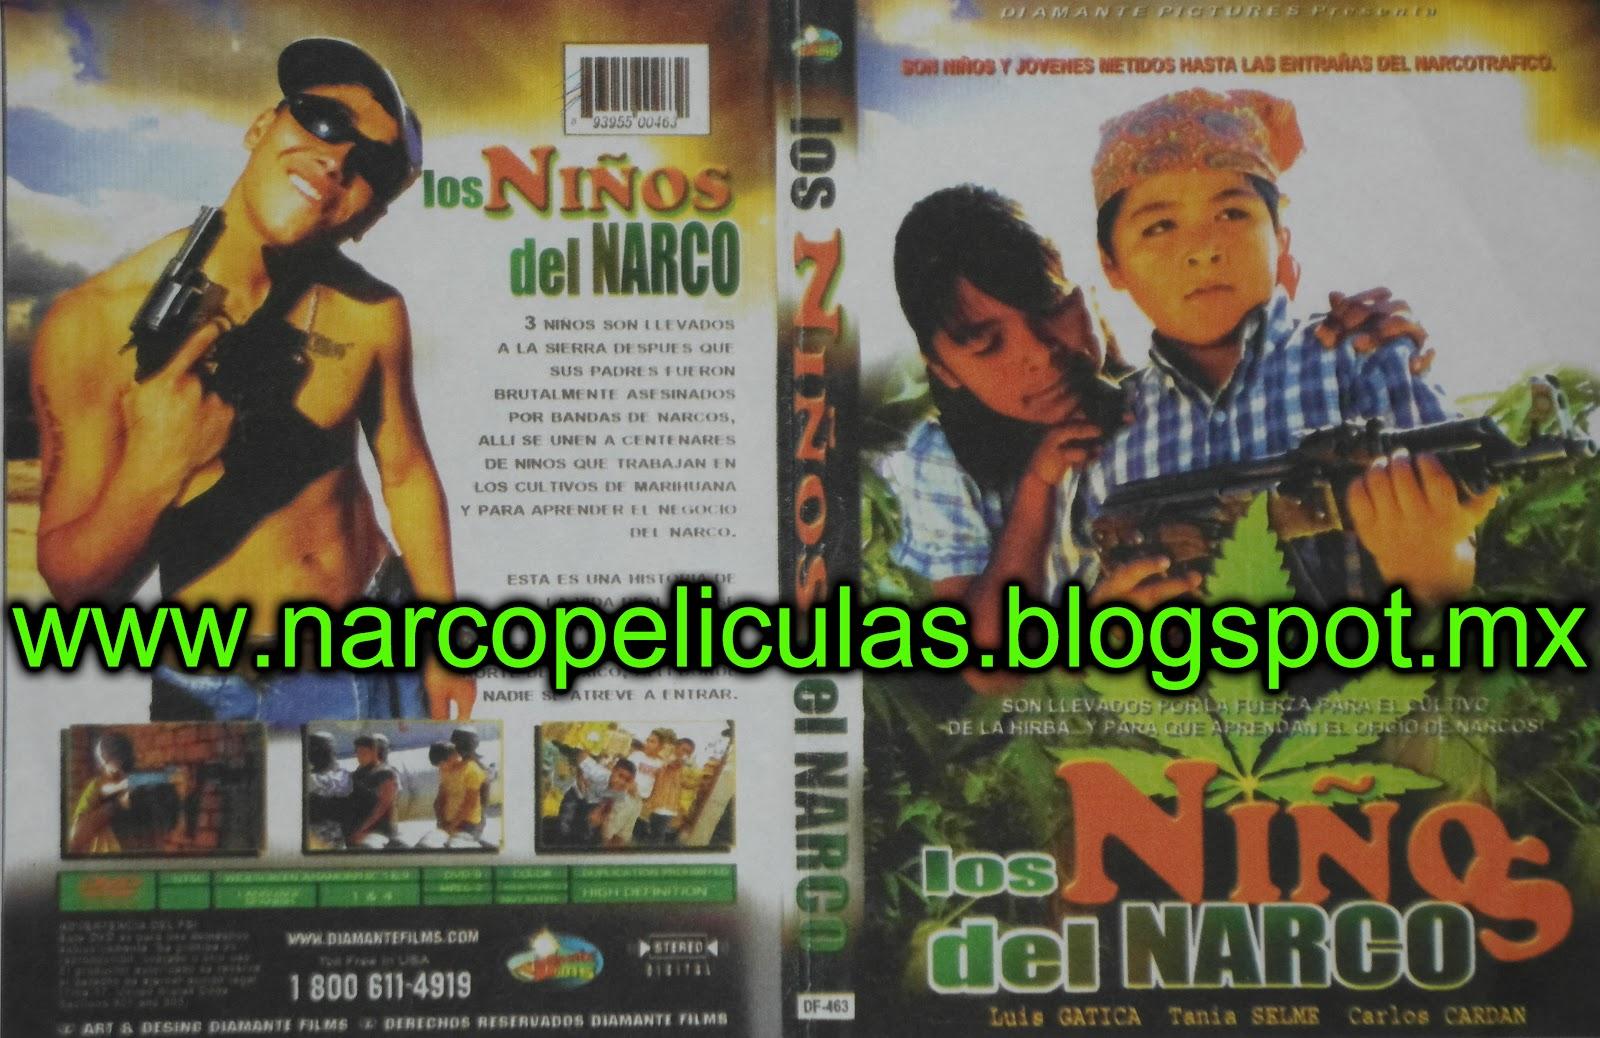 Mario Almada Peliculas Completas